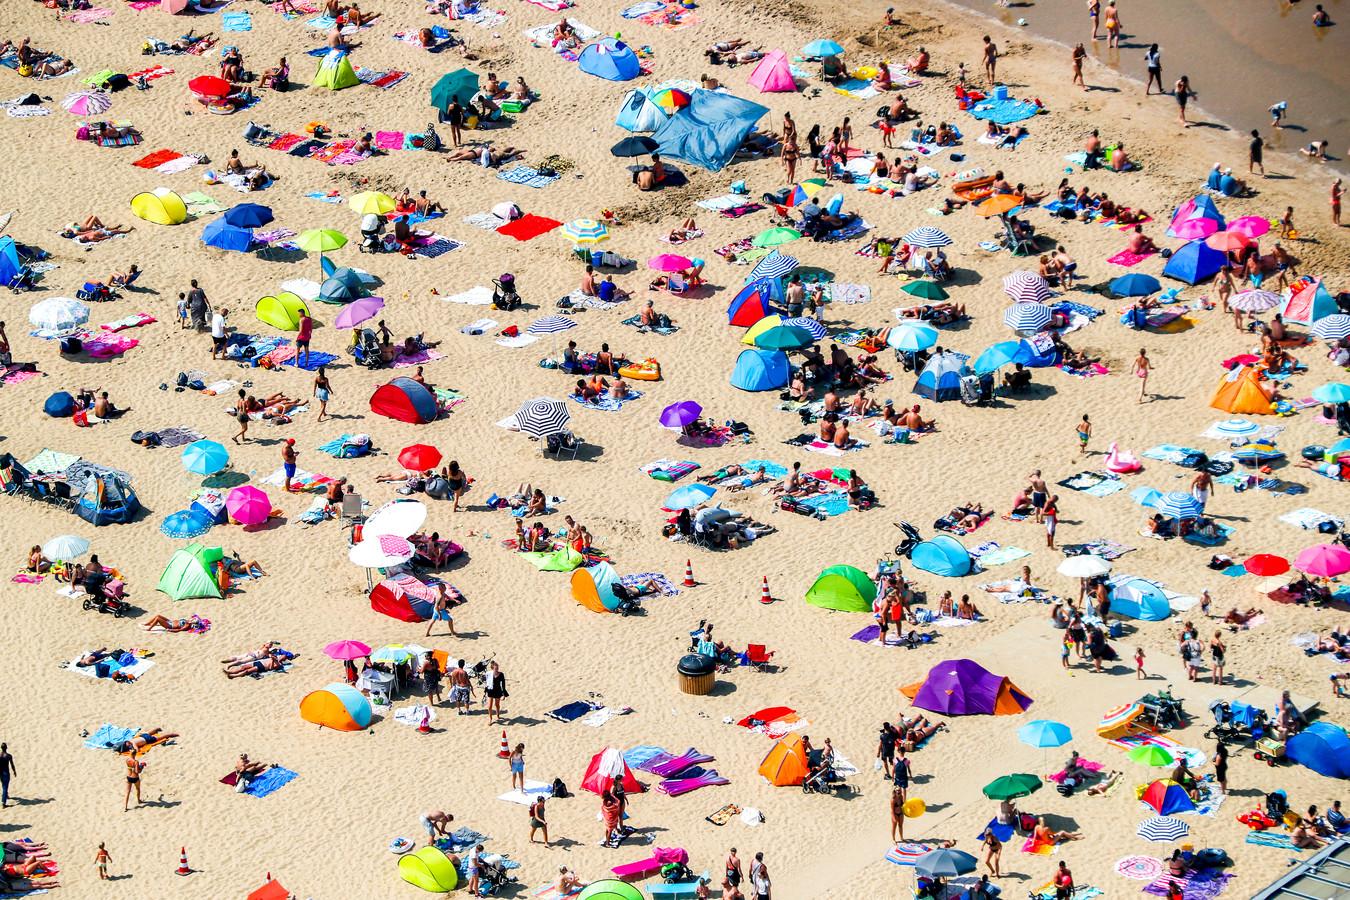 De stranden liggen waarschijnlijk vol vandaag.